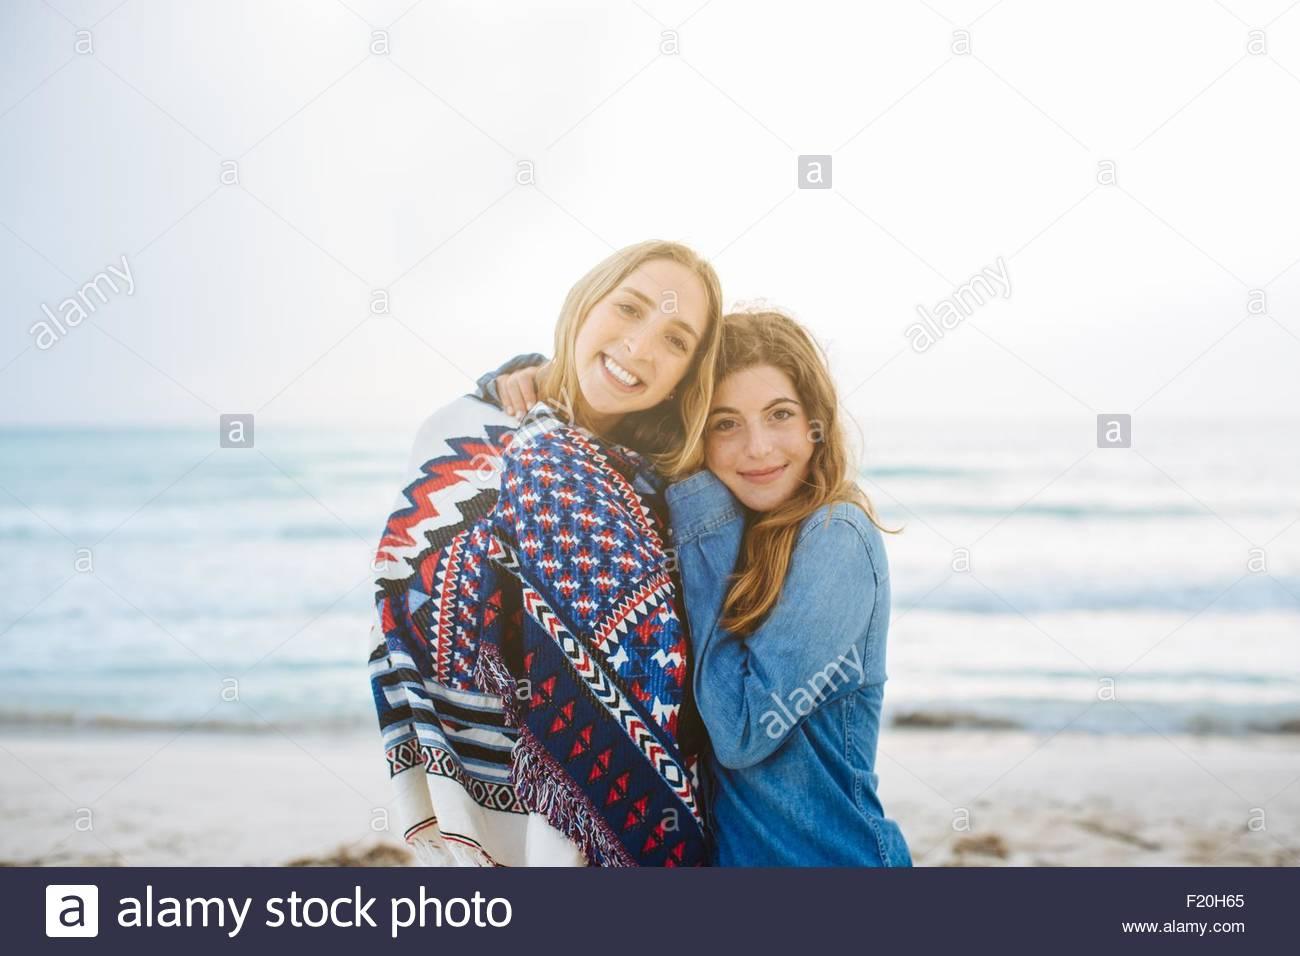 Retrato de dos jóvenes amigas abrazos en la playa Imagen De Stock